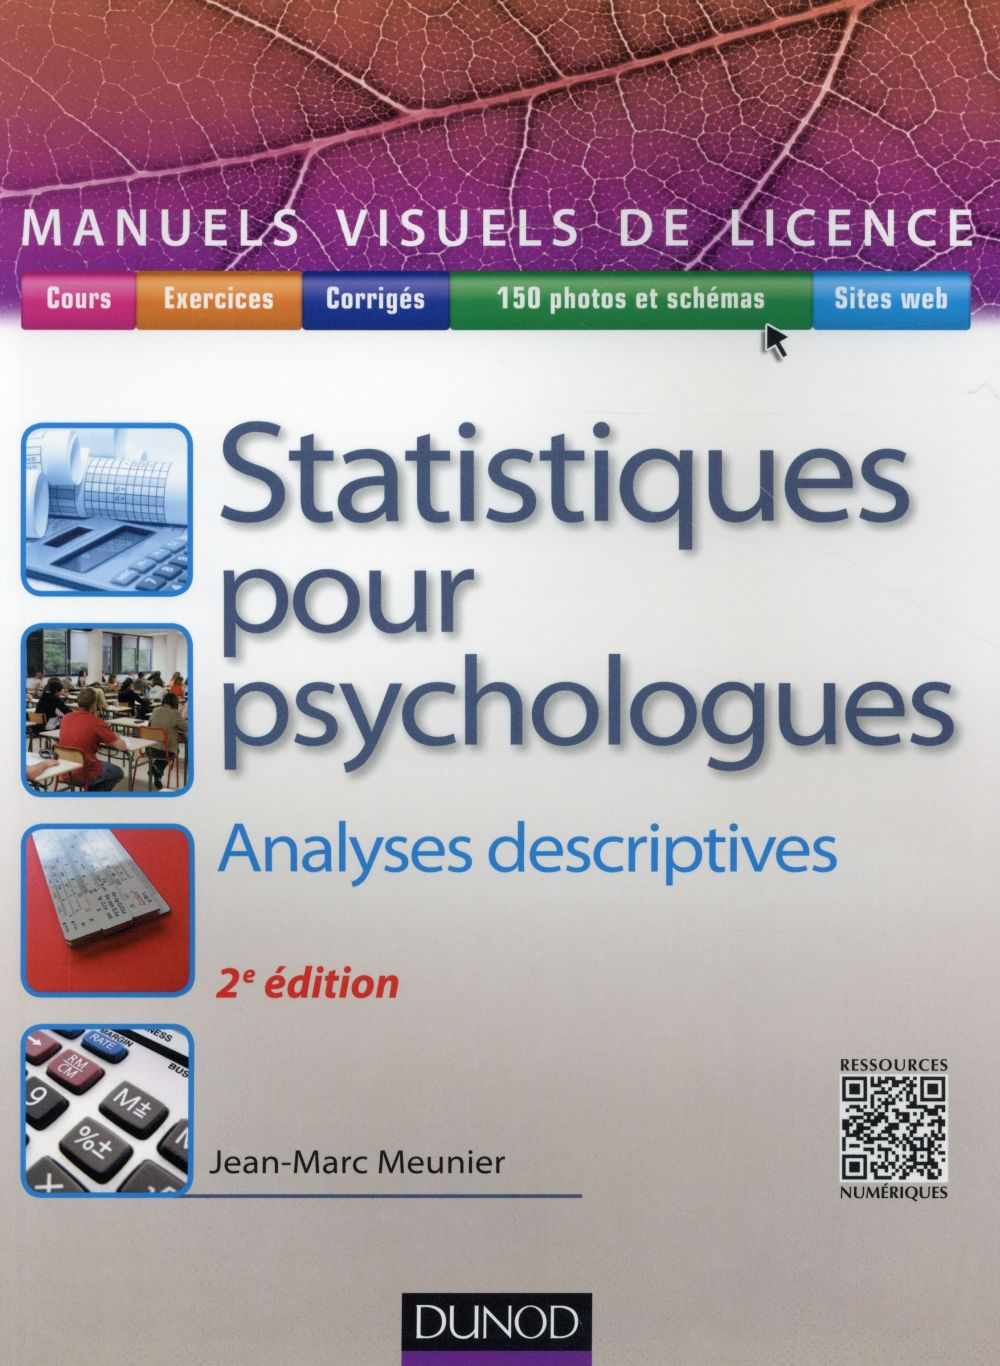 MANUEL VISUEL DES STATISTIQUES POUR PSYCHOLOGUES  -  ANALYSES DESCRIPTIVES (2E EDITION) Meunier Jean-Marc